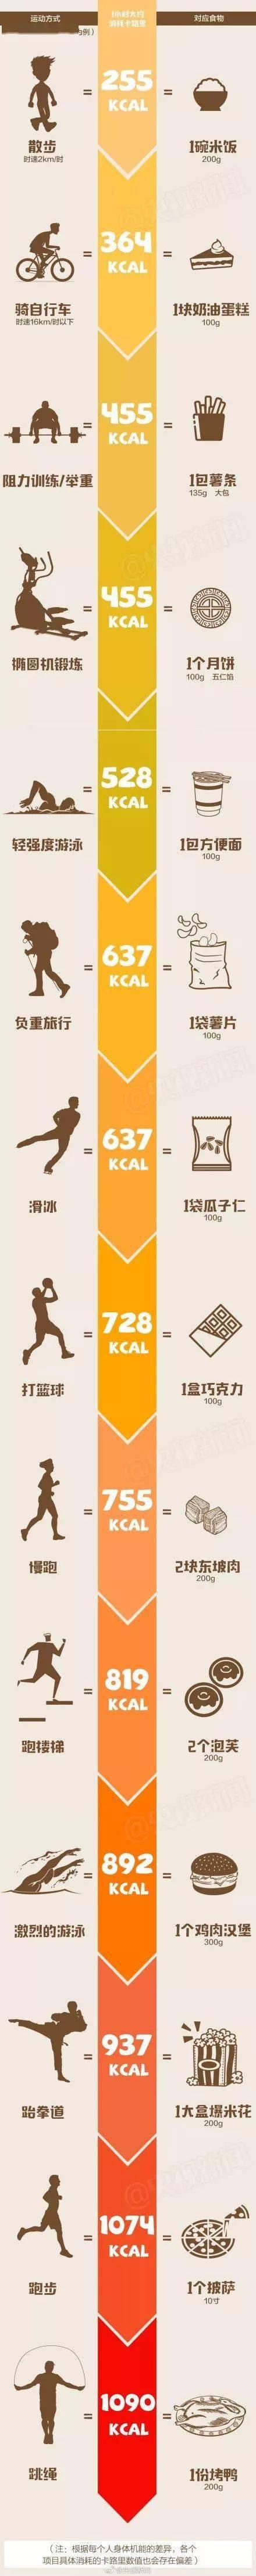 你吃进去的食物,做多少运动才能消耗掉?